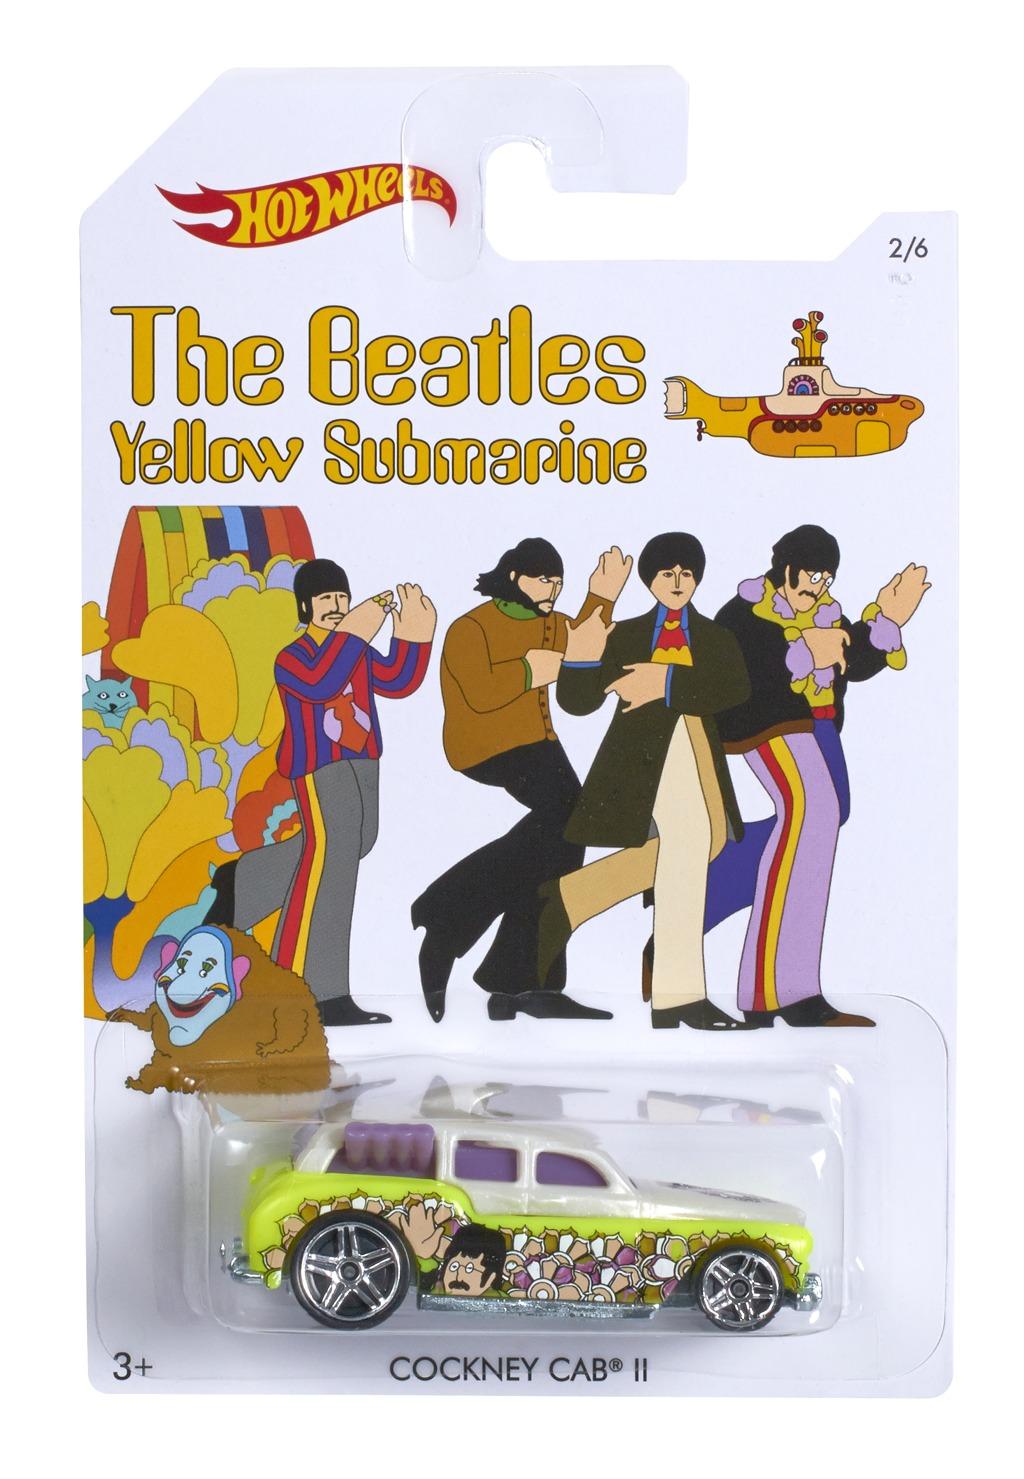 Hot Wheels angličák the Beatles